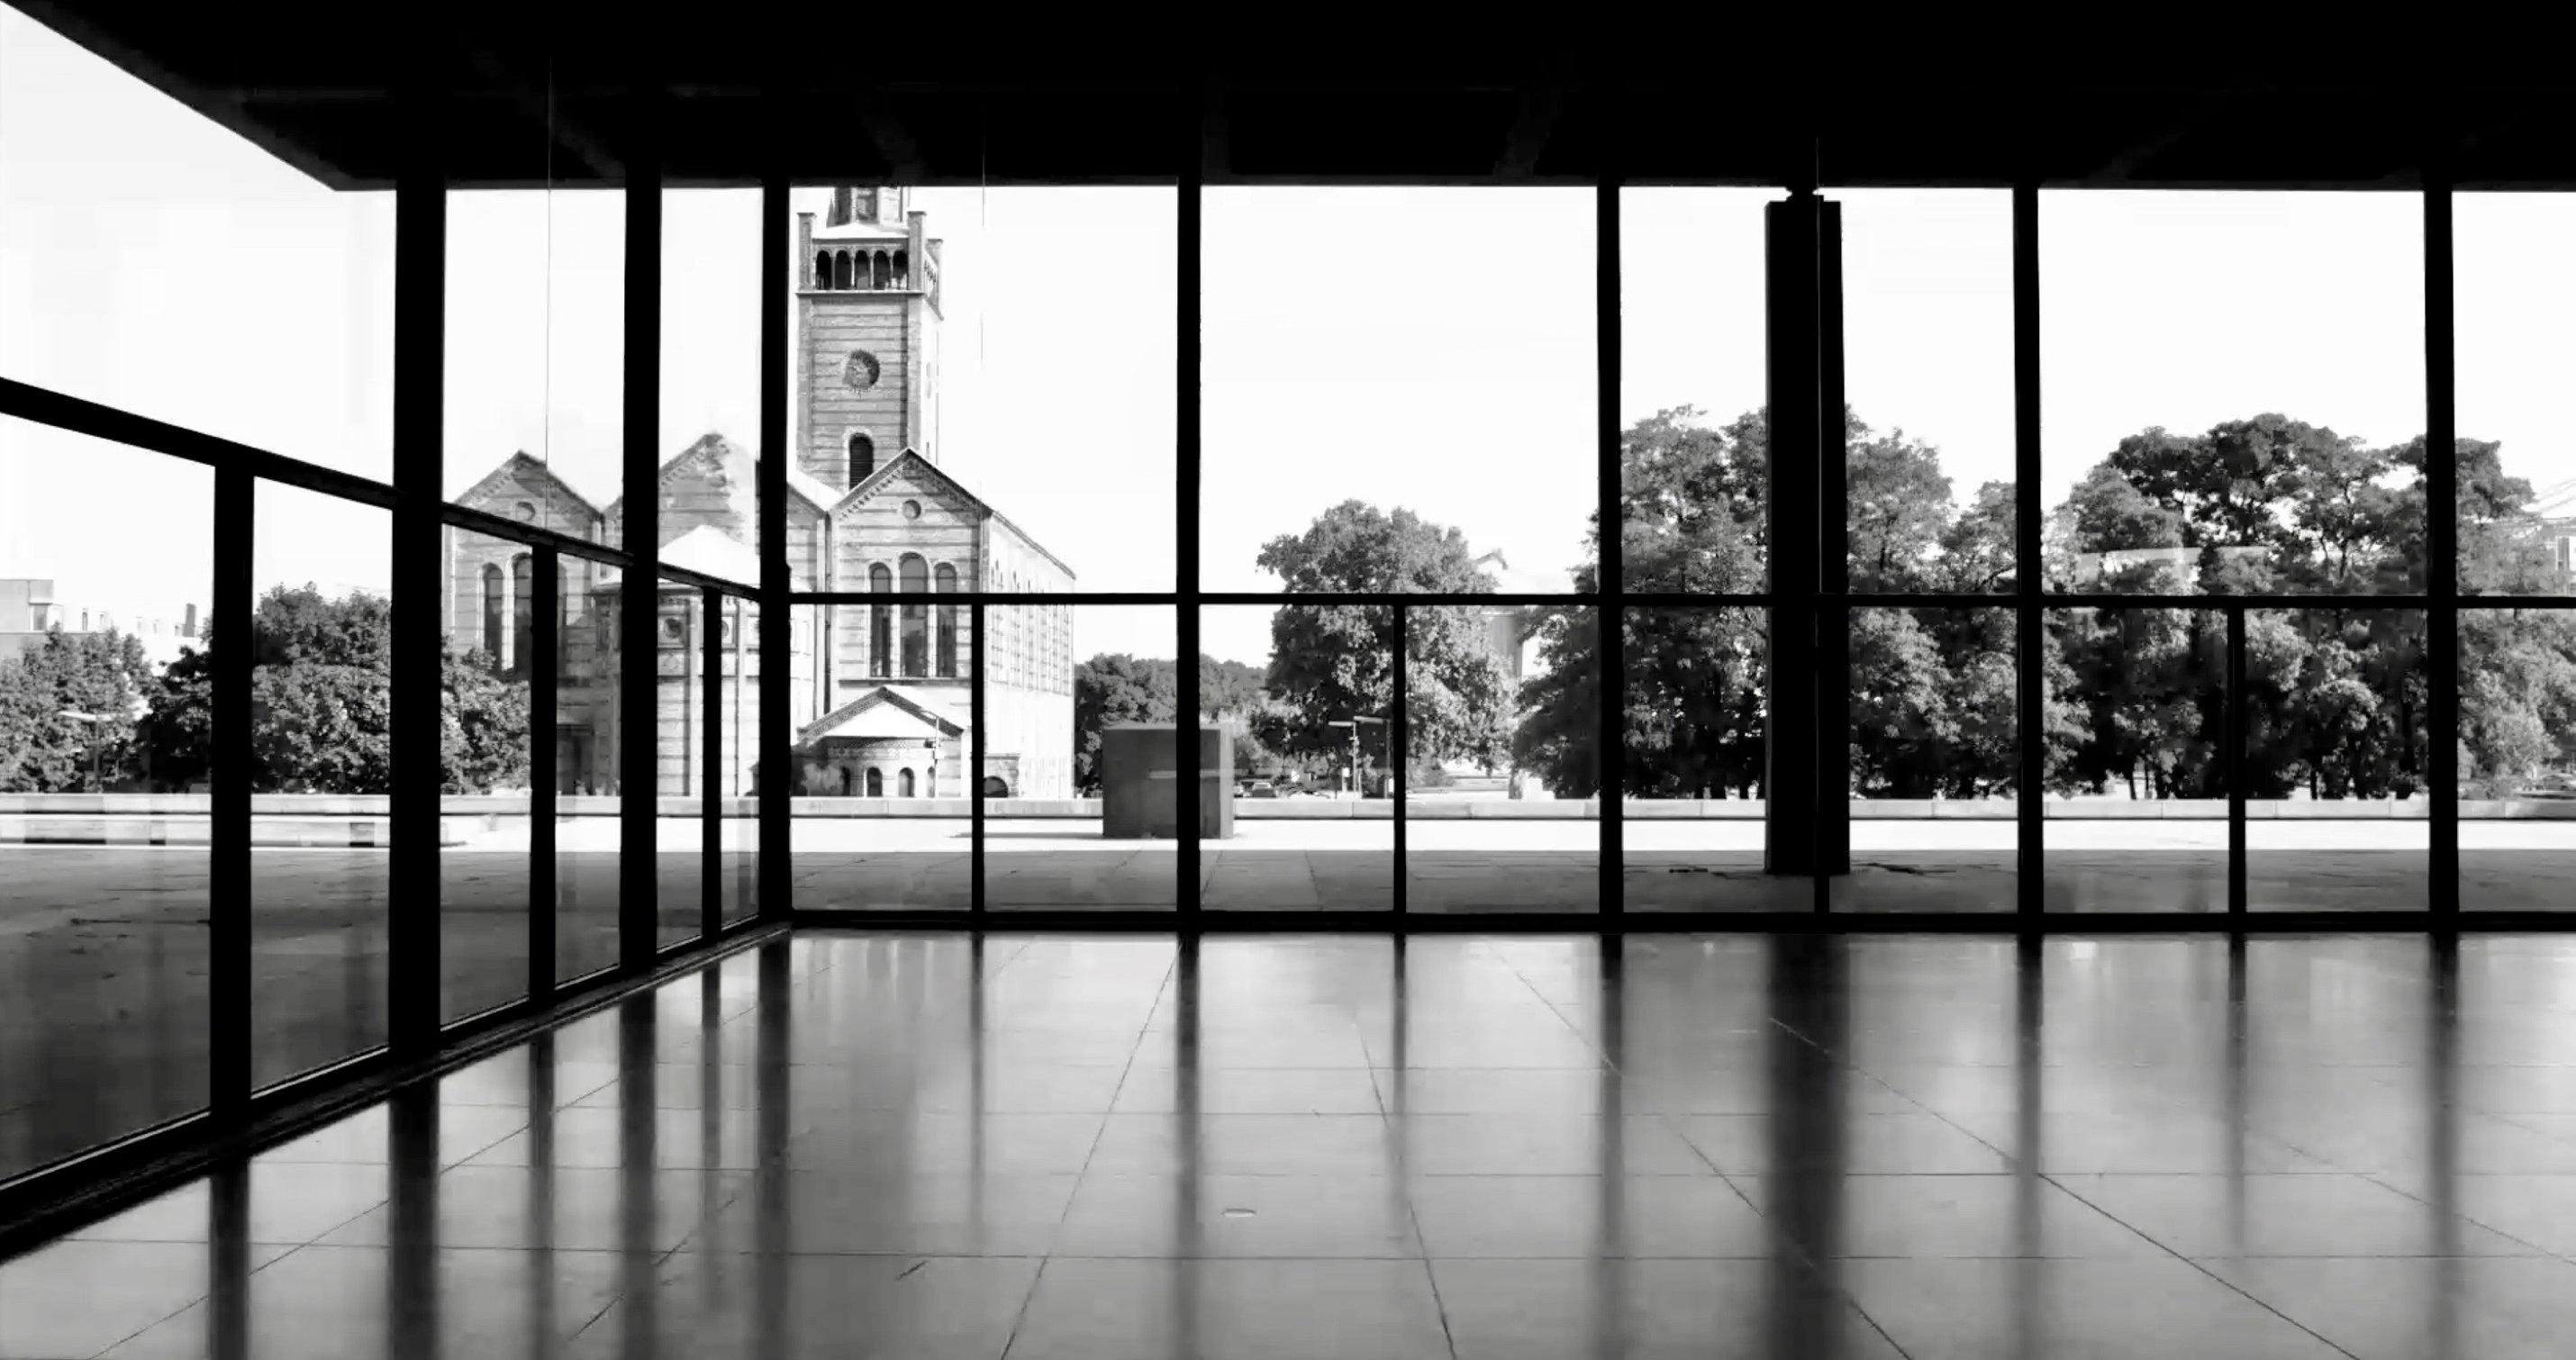 Perspektive von innen nach außen - die neue Nationalgalerie - Regie Ina Weisse - Kamera Judith Kaufmann